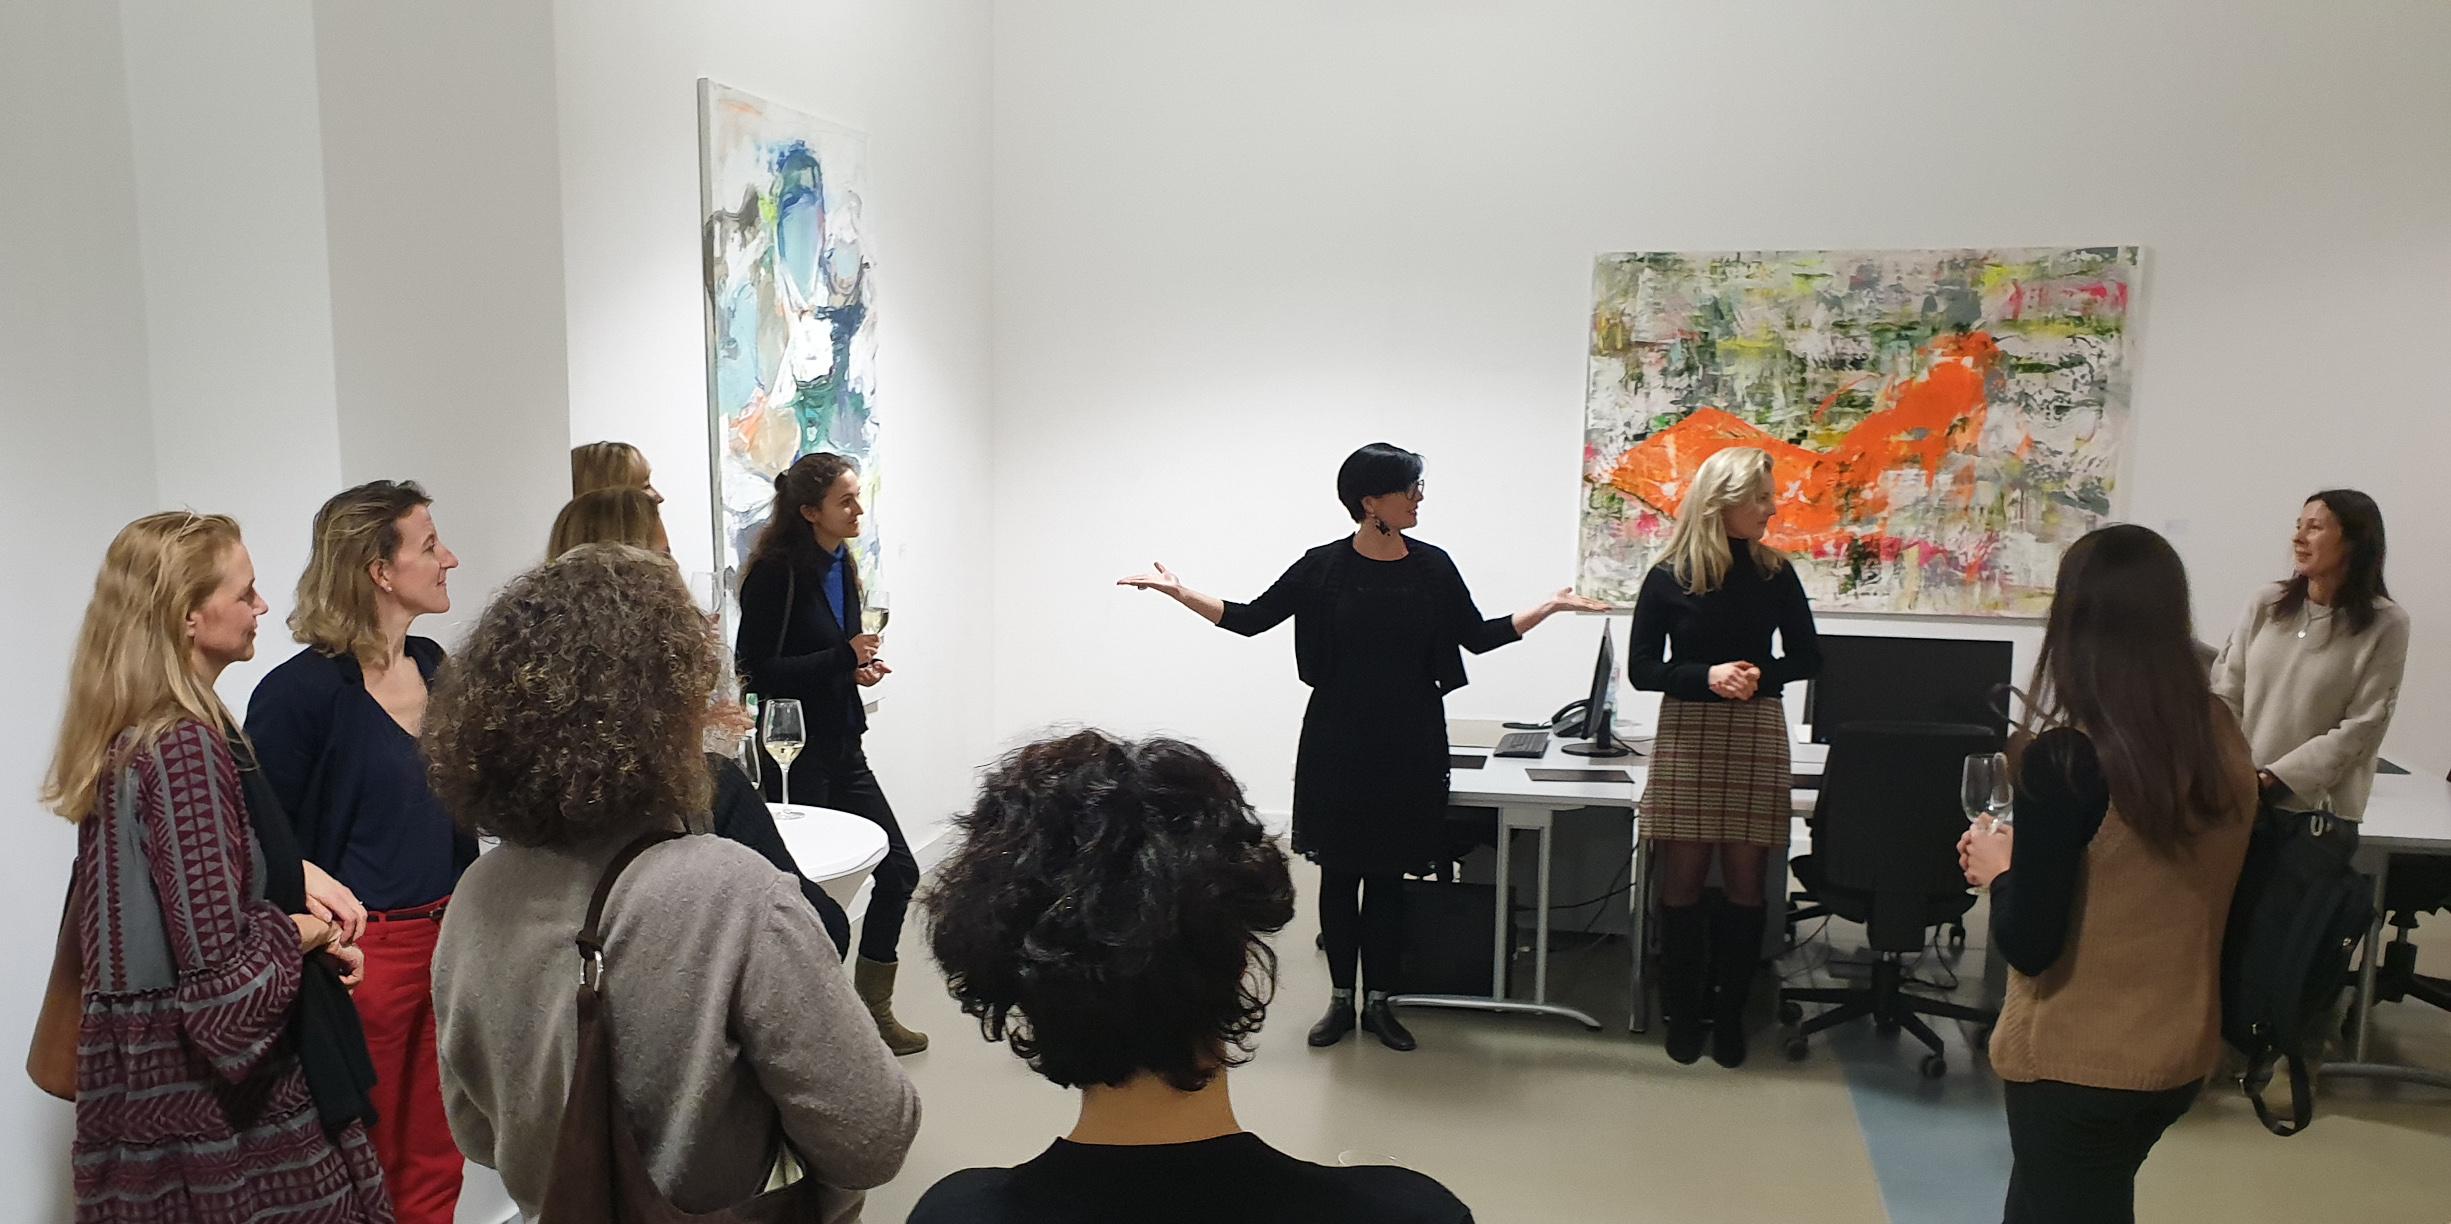 (c) Art Consulting Mese - Agnieszka Mese, Künstlerinnen Alex Woyde und Theresa Kallrath sowie weitere Kunstliebhaberinnen bei der FrauenArt am 25.01.2019 in der von fraunberg art gallery